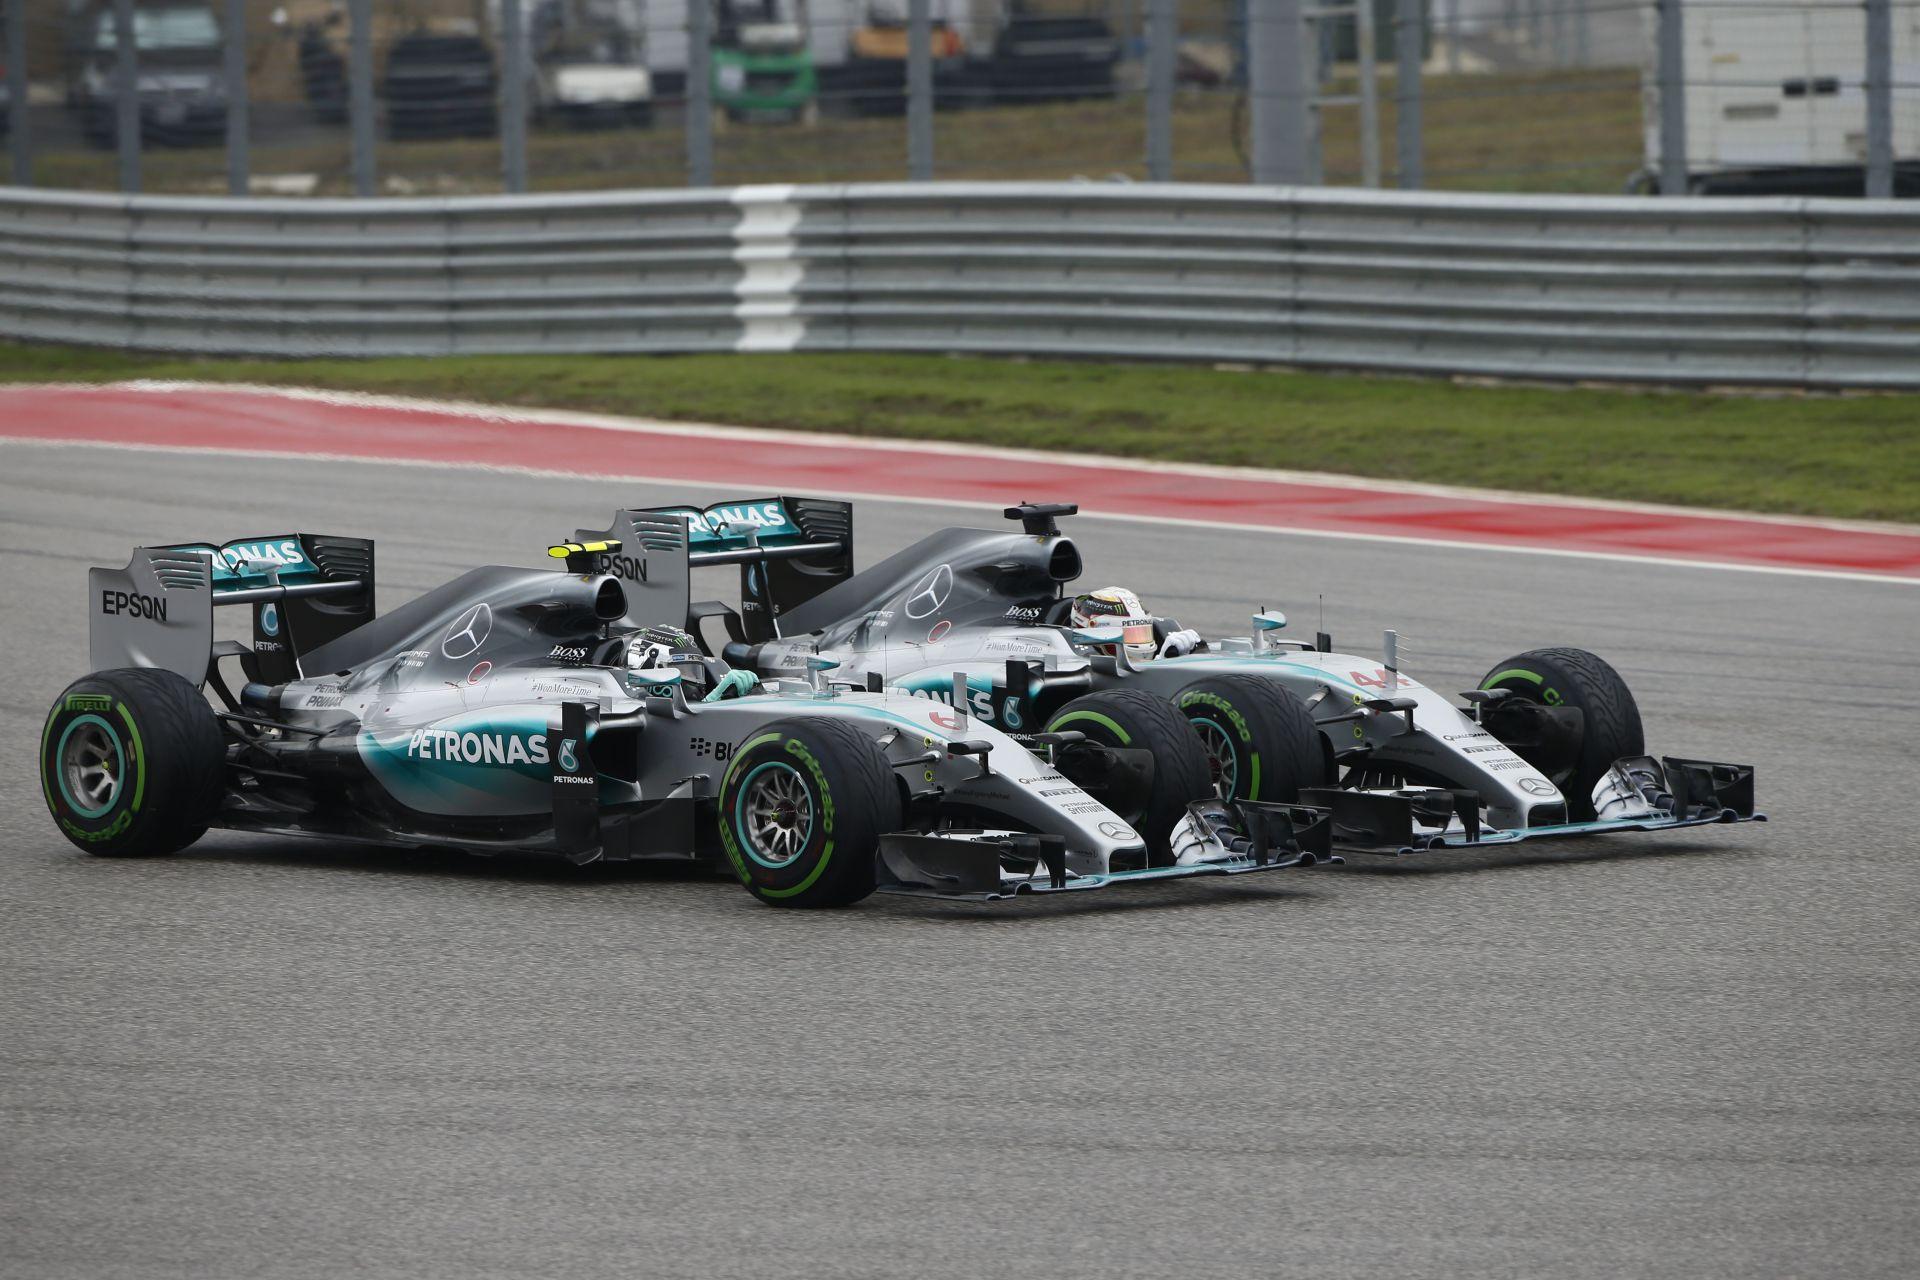 Segíteni Rosbergnek, hogy meglegyen a második hely?! Hamilton szerint ez lényegtelen kérdés